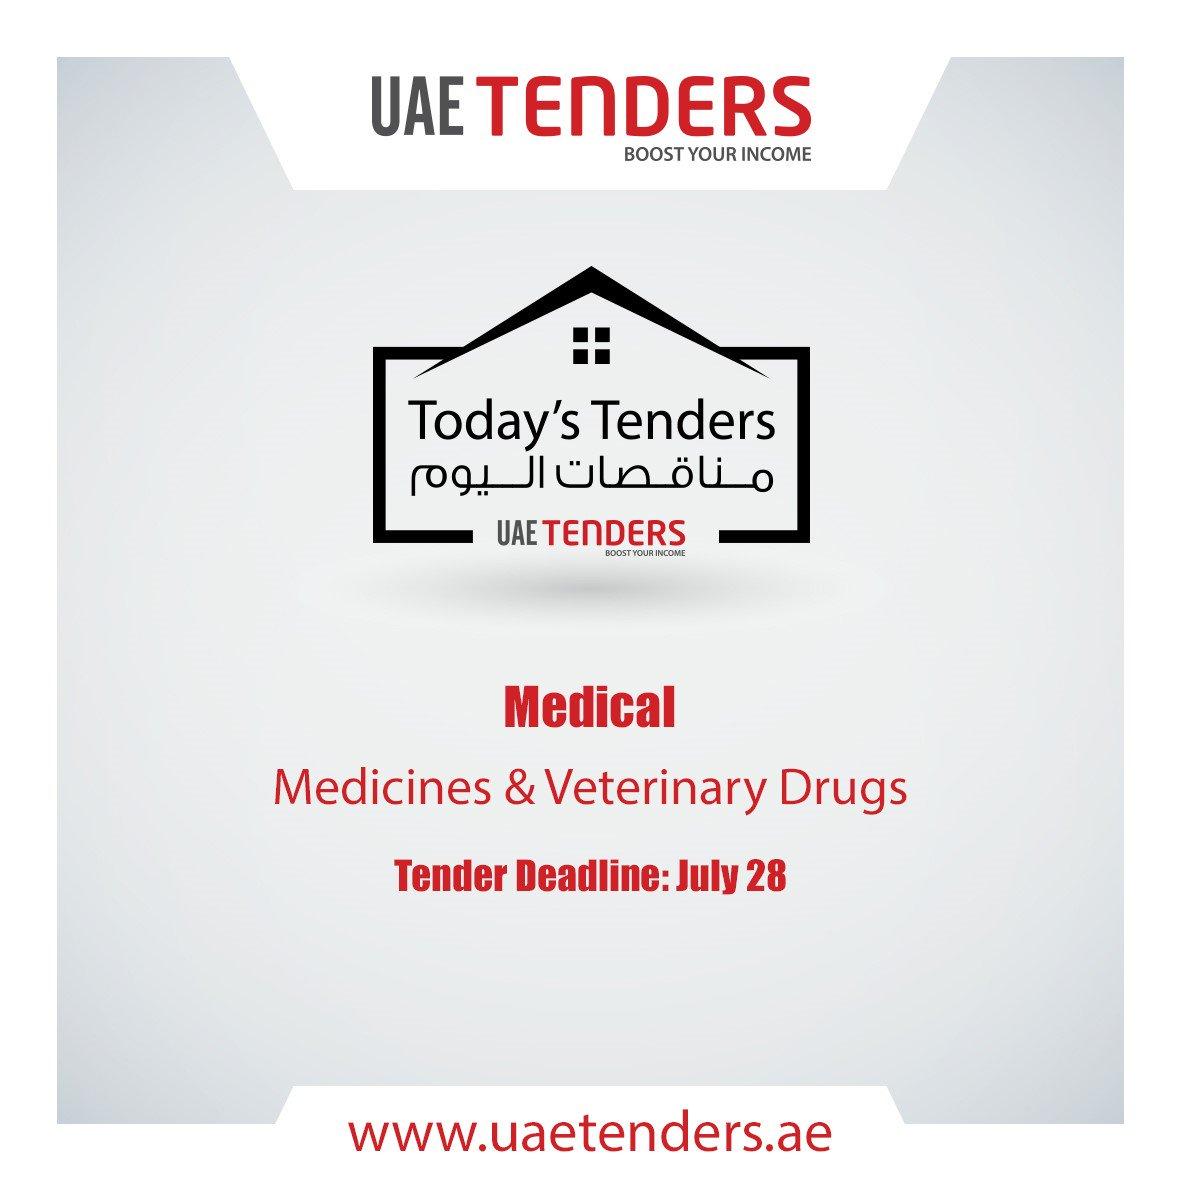 UAETenders (@TendersUae) | Twitter